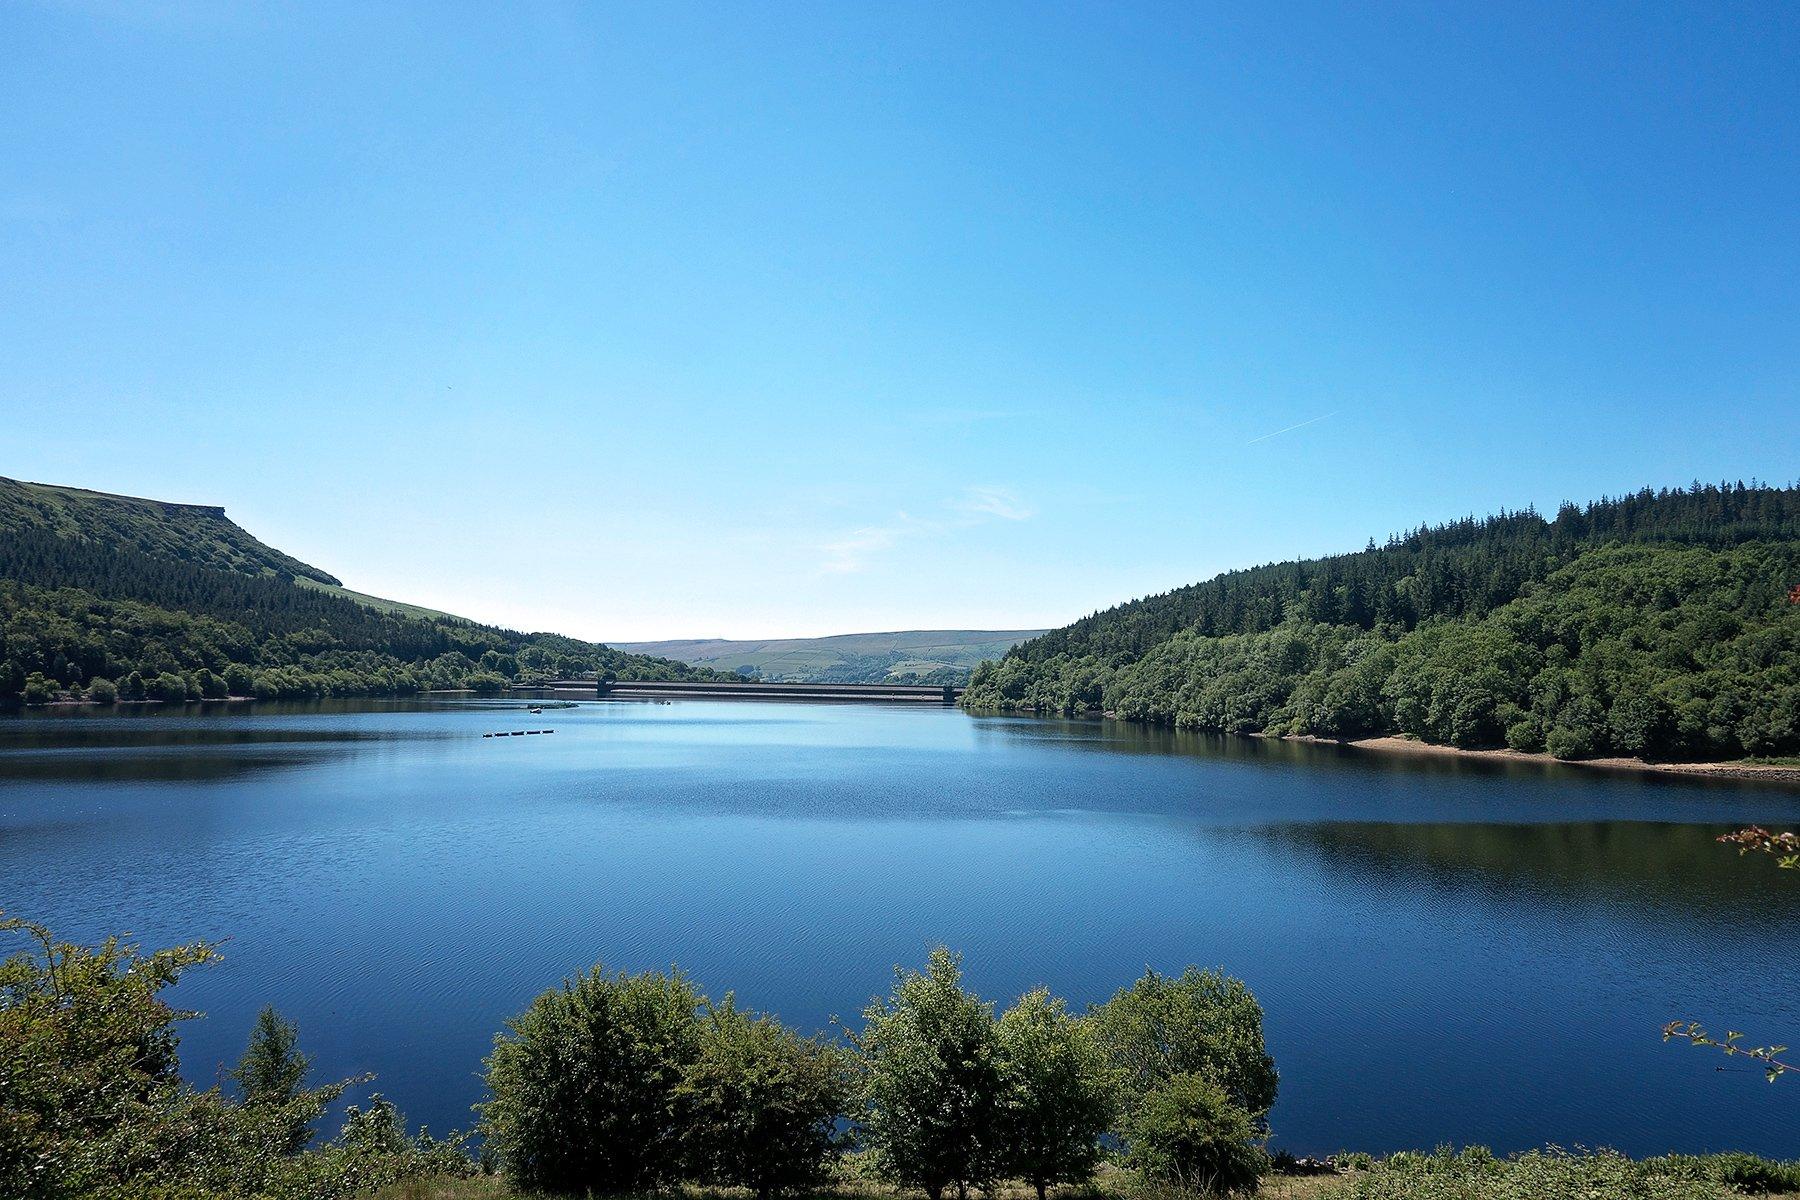 Ladybower reservoir, part 2